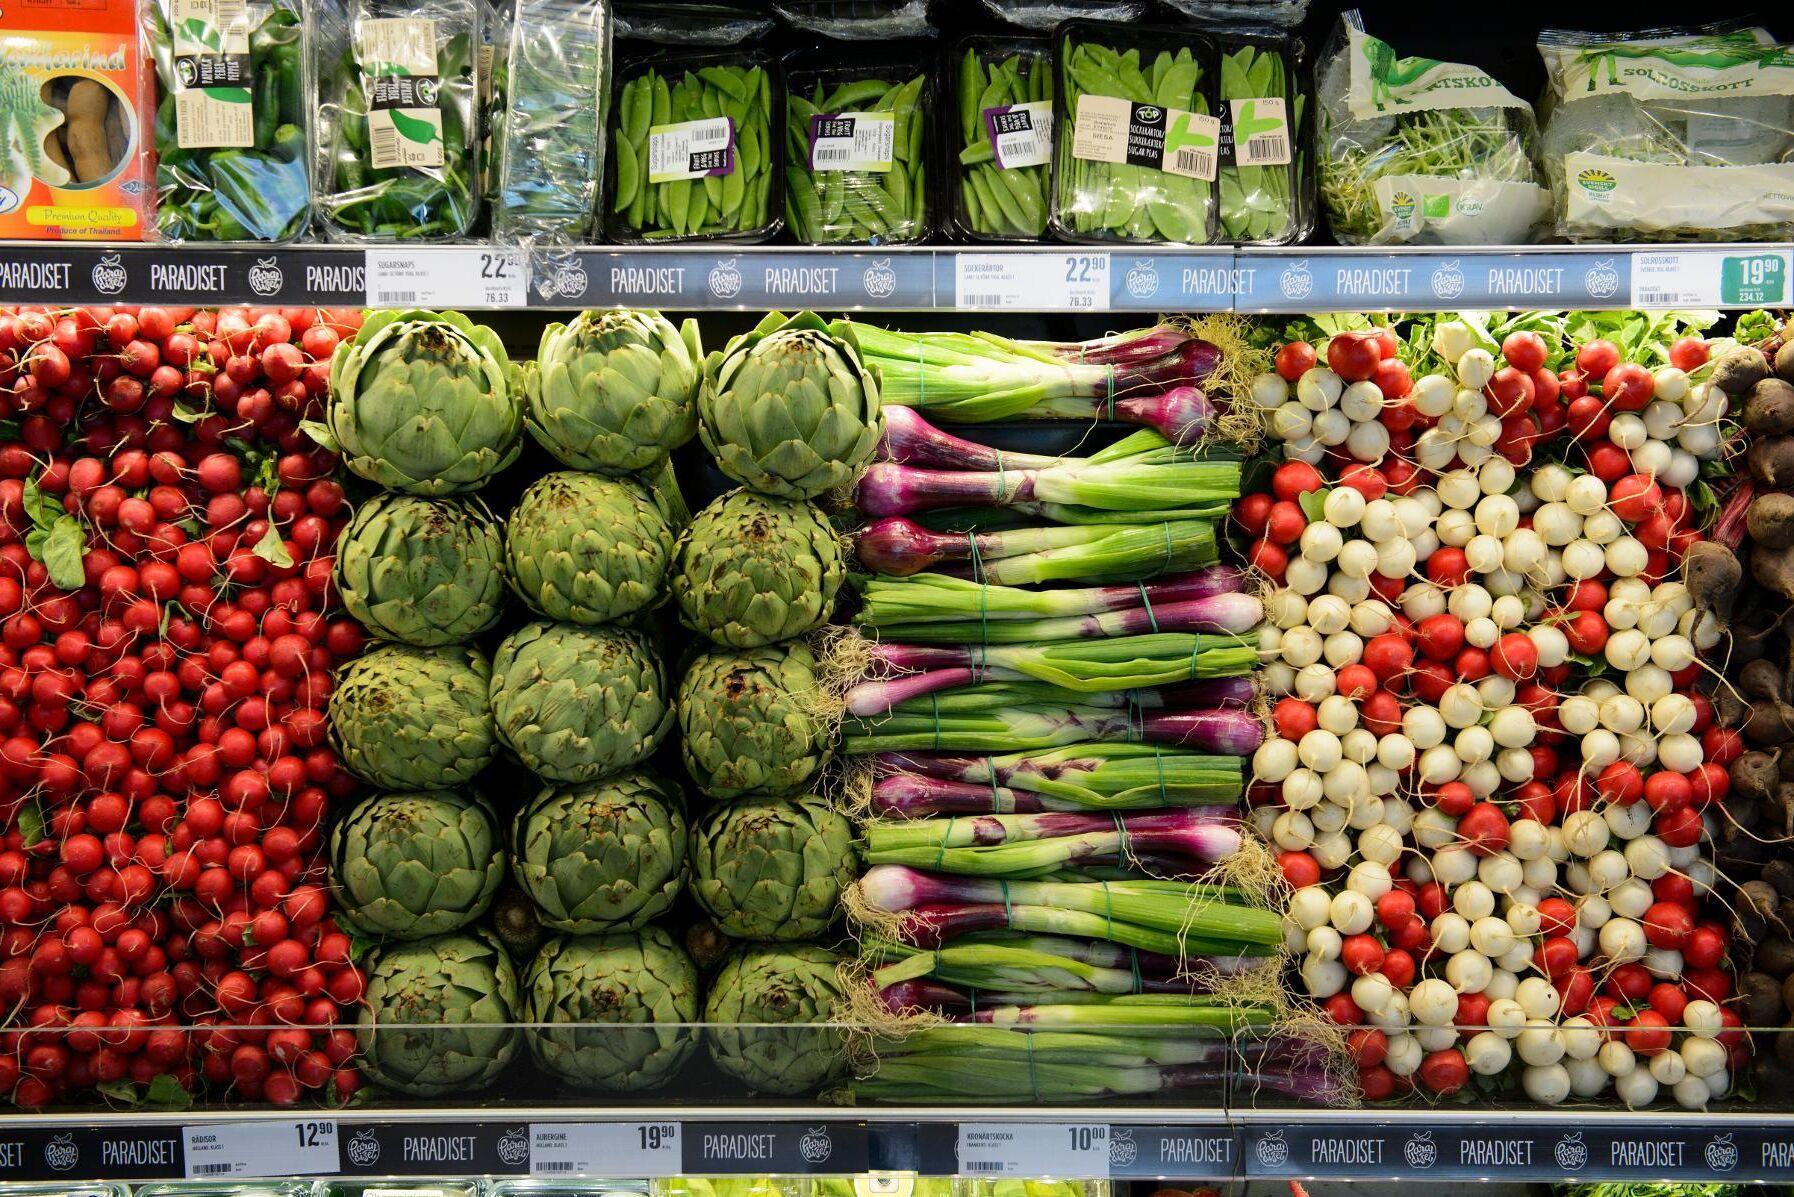 Lagen är tänkt att ge mer marknadsmuskler för små leverantörer av jordbruksprodukter till stora köpare, i handel och livsmedelsindustri.